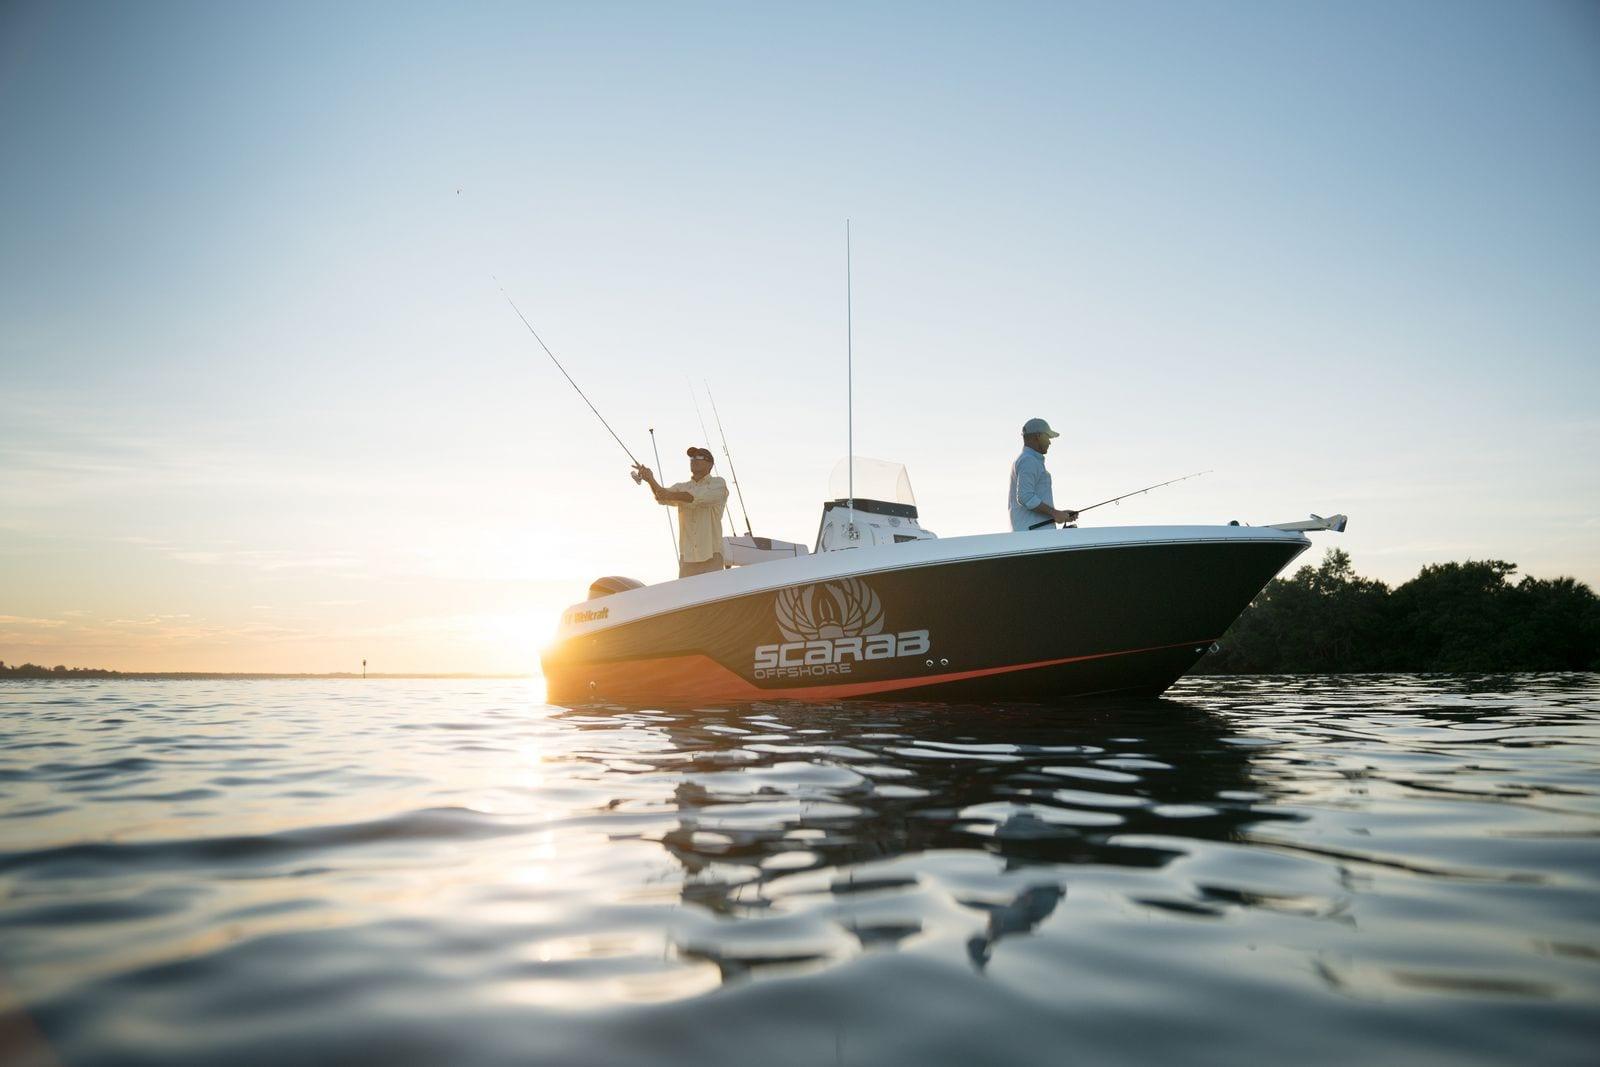 סירות דייג איכותיות ומקצועיות לדייג ספורטיבי לכל המשפחה - סטרים יאכטות